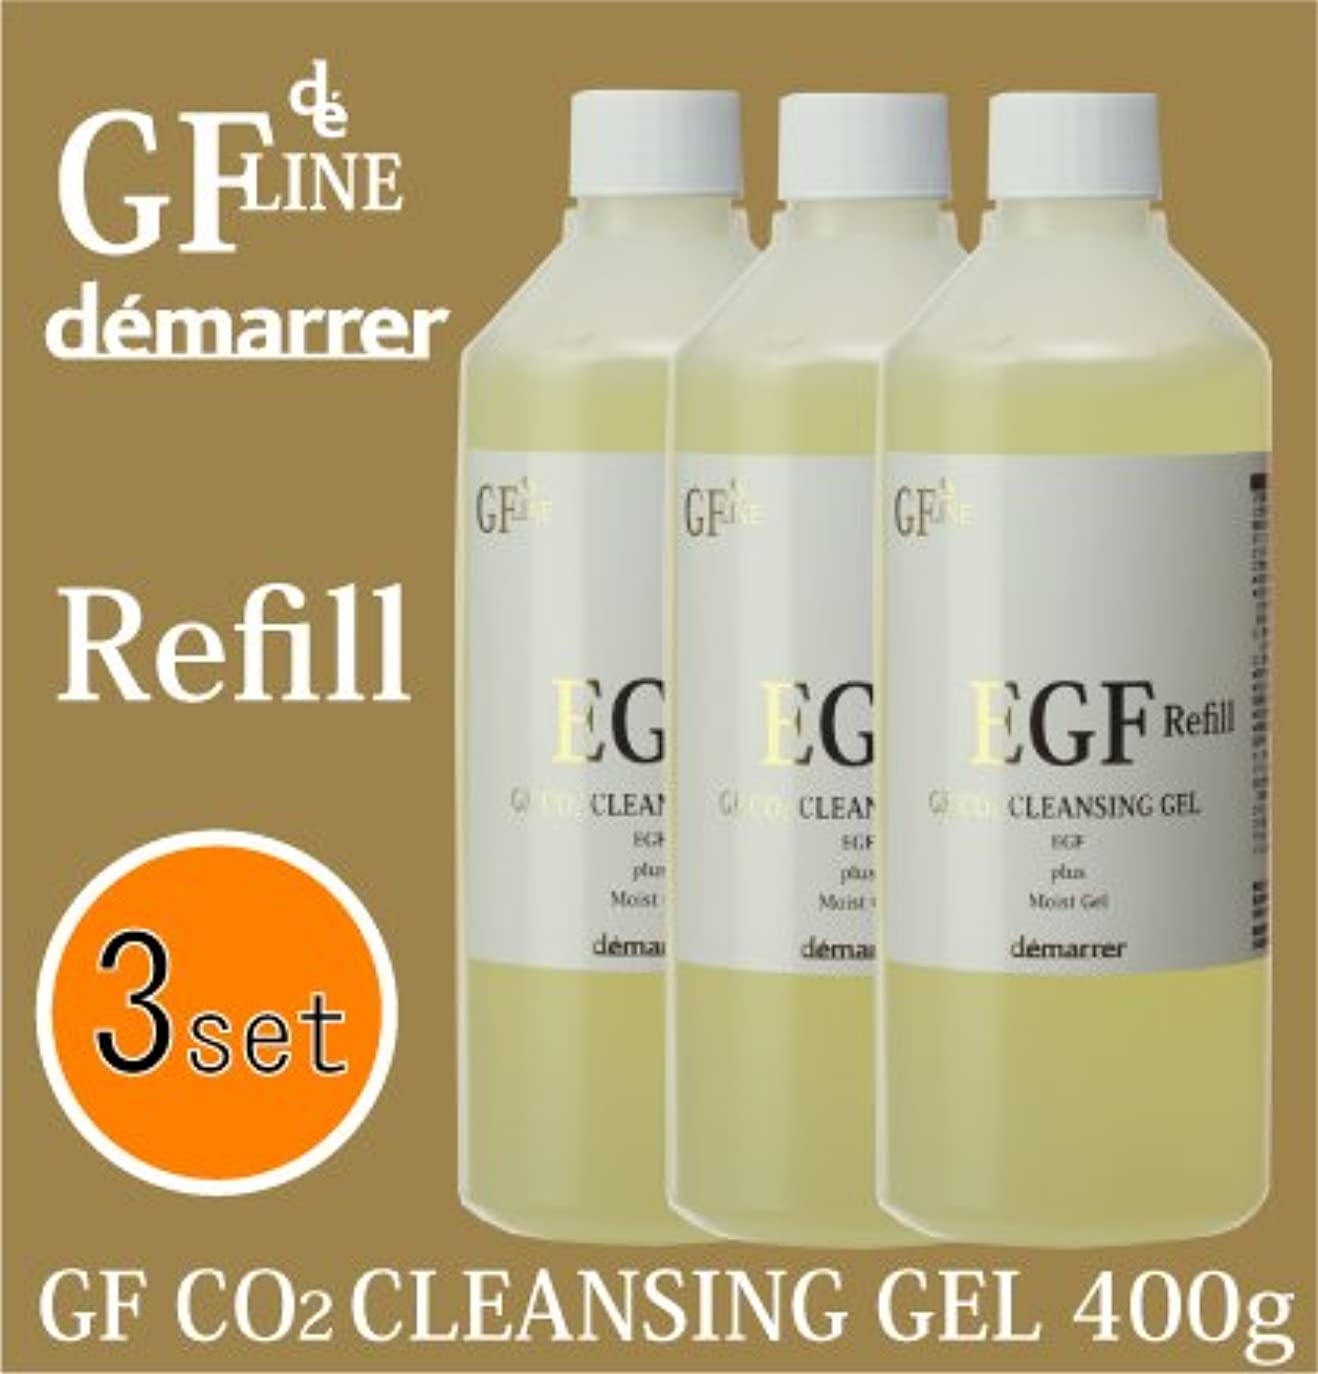 消毒する居住者広がりデマレ GF 炭酸洗顔クレンジン 400g レフィル 詰替用 3本セット